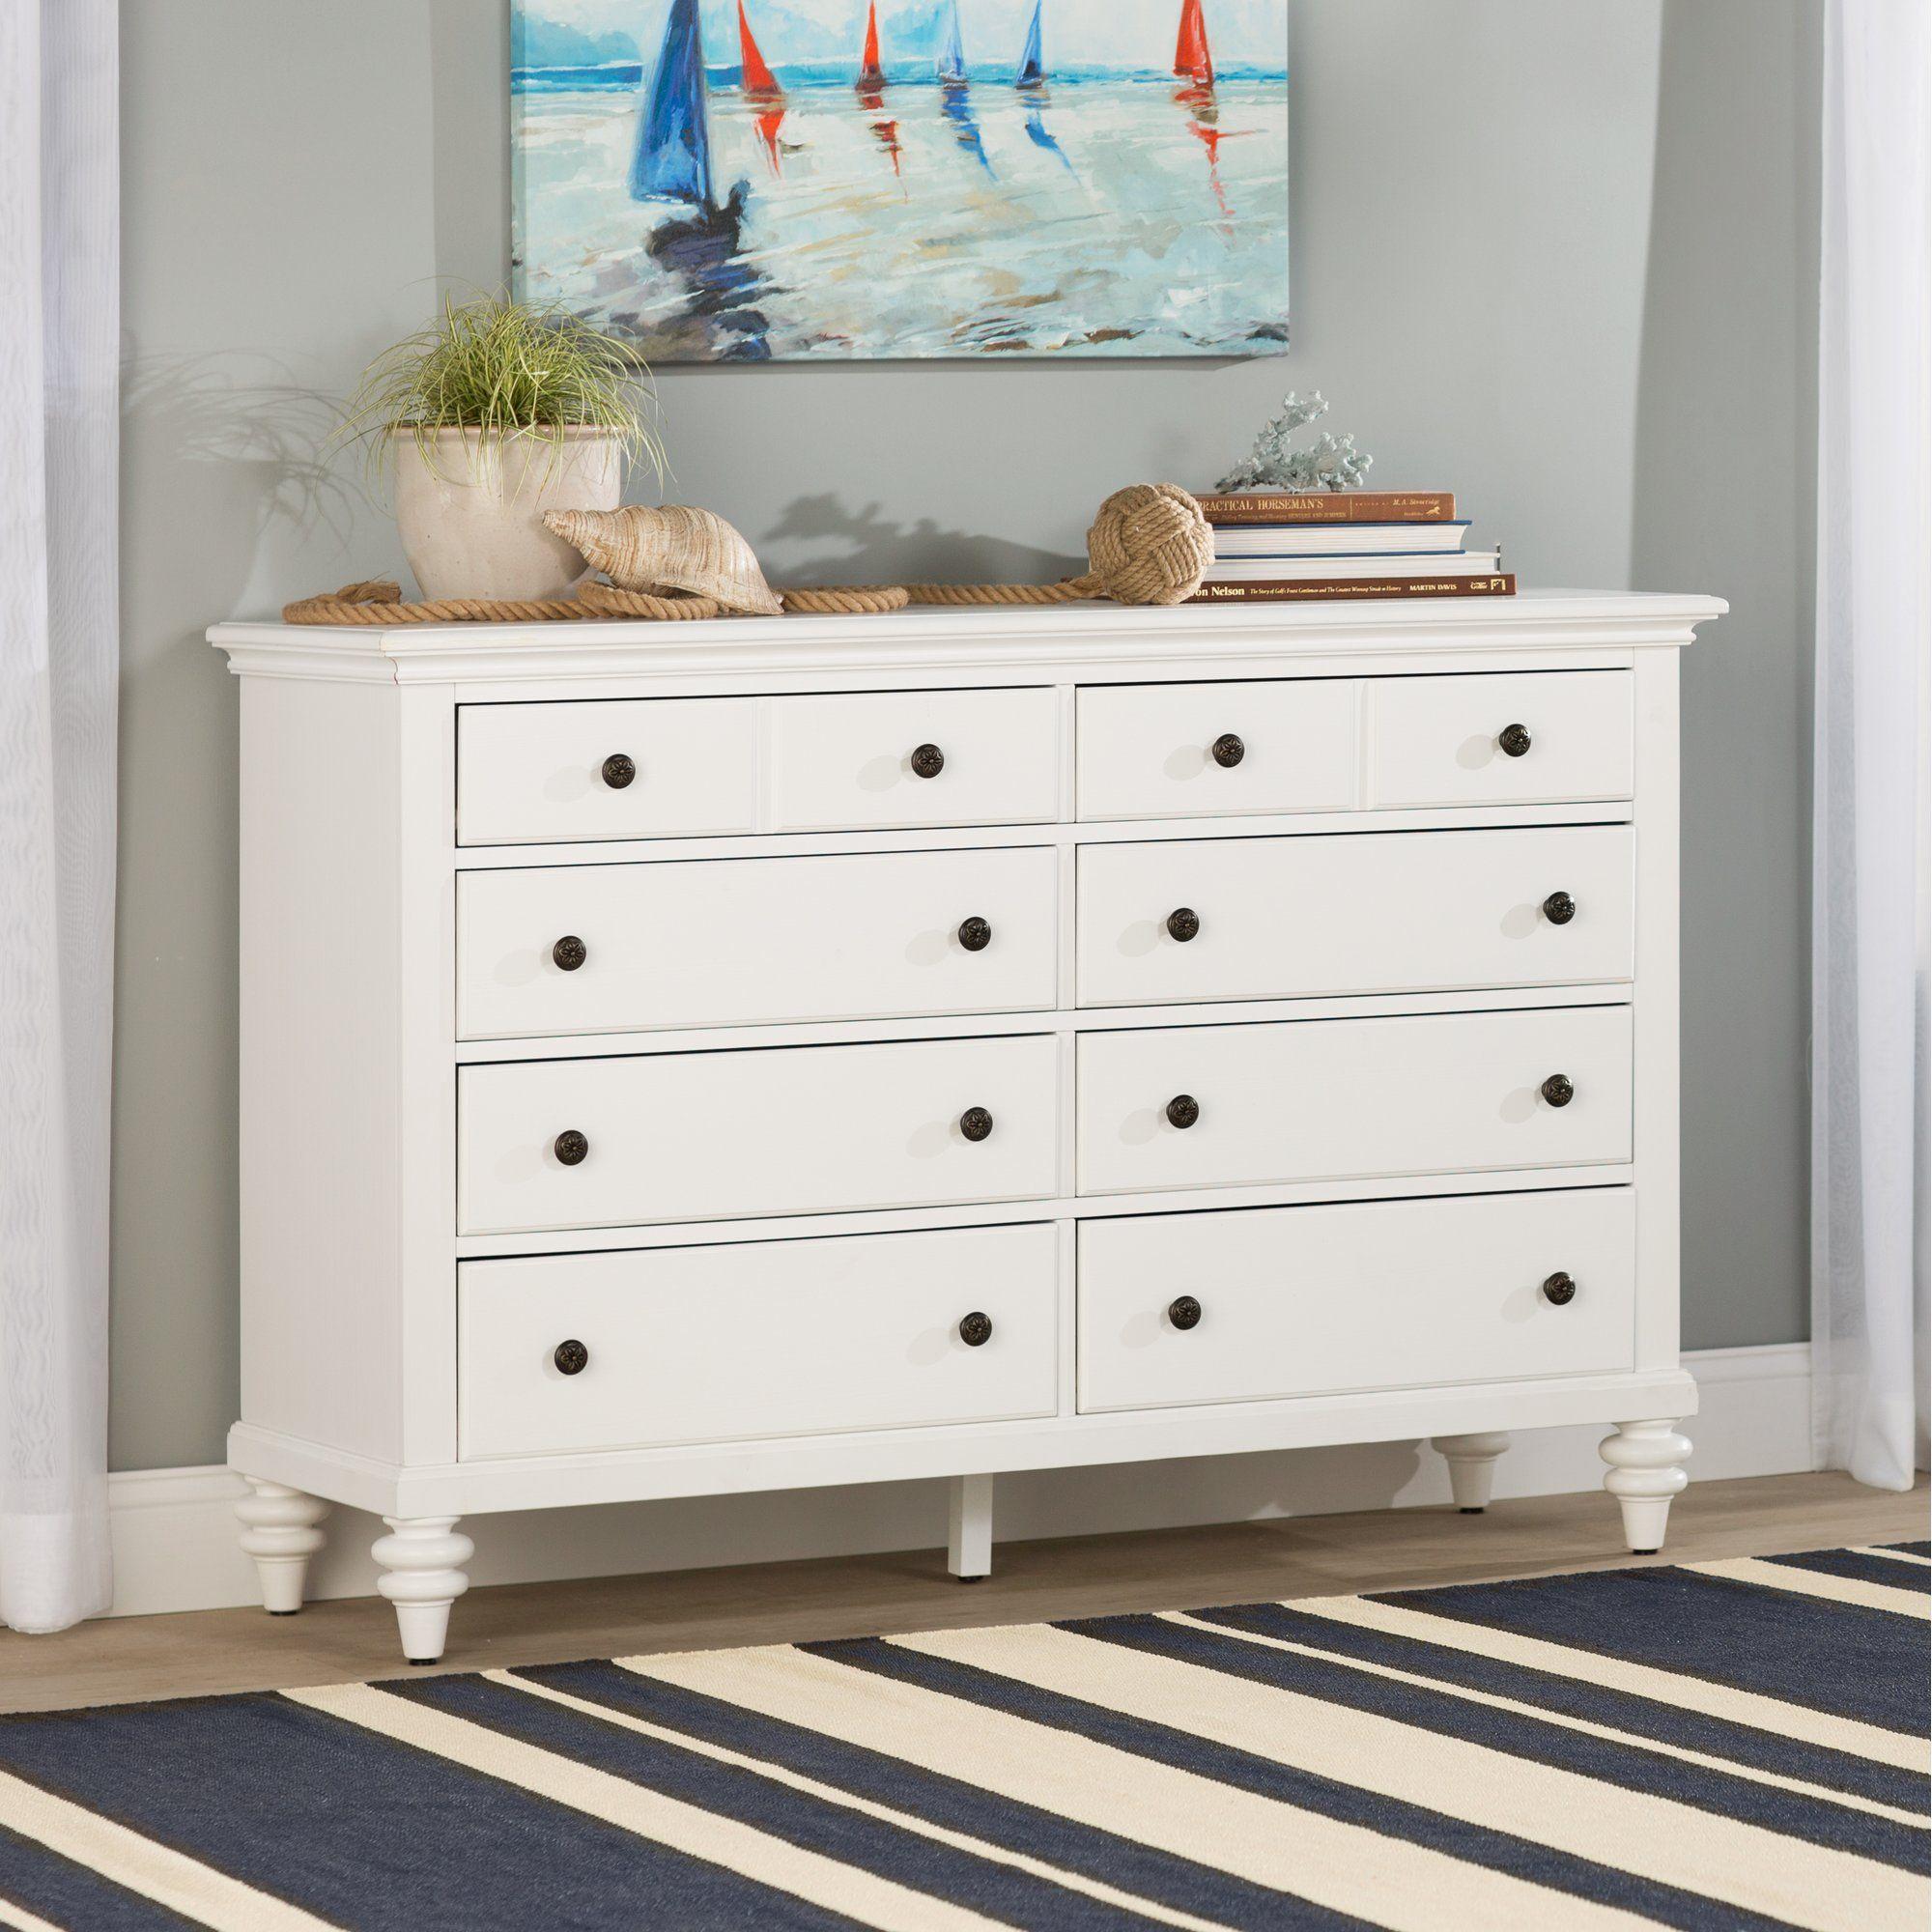 Kenduskeag 8 Drawer Dresser Bedroom Furniture Design Cheap Bedroom Furniture Dressers And Chests [ 2000 x 2000 Pixel ]